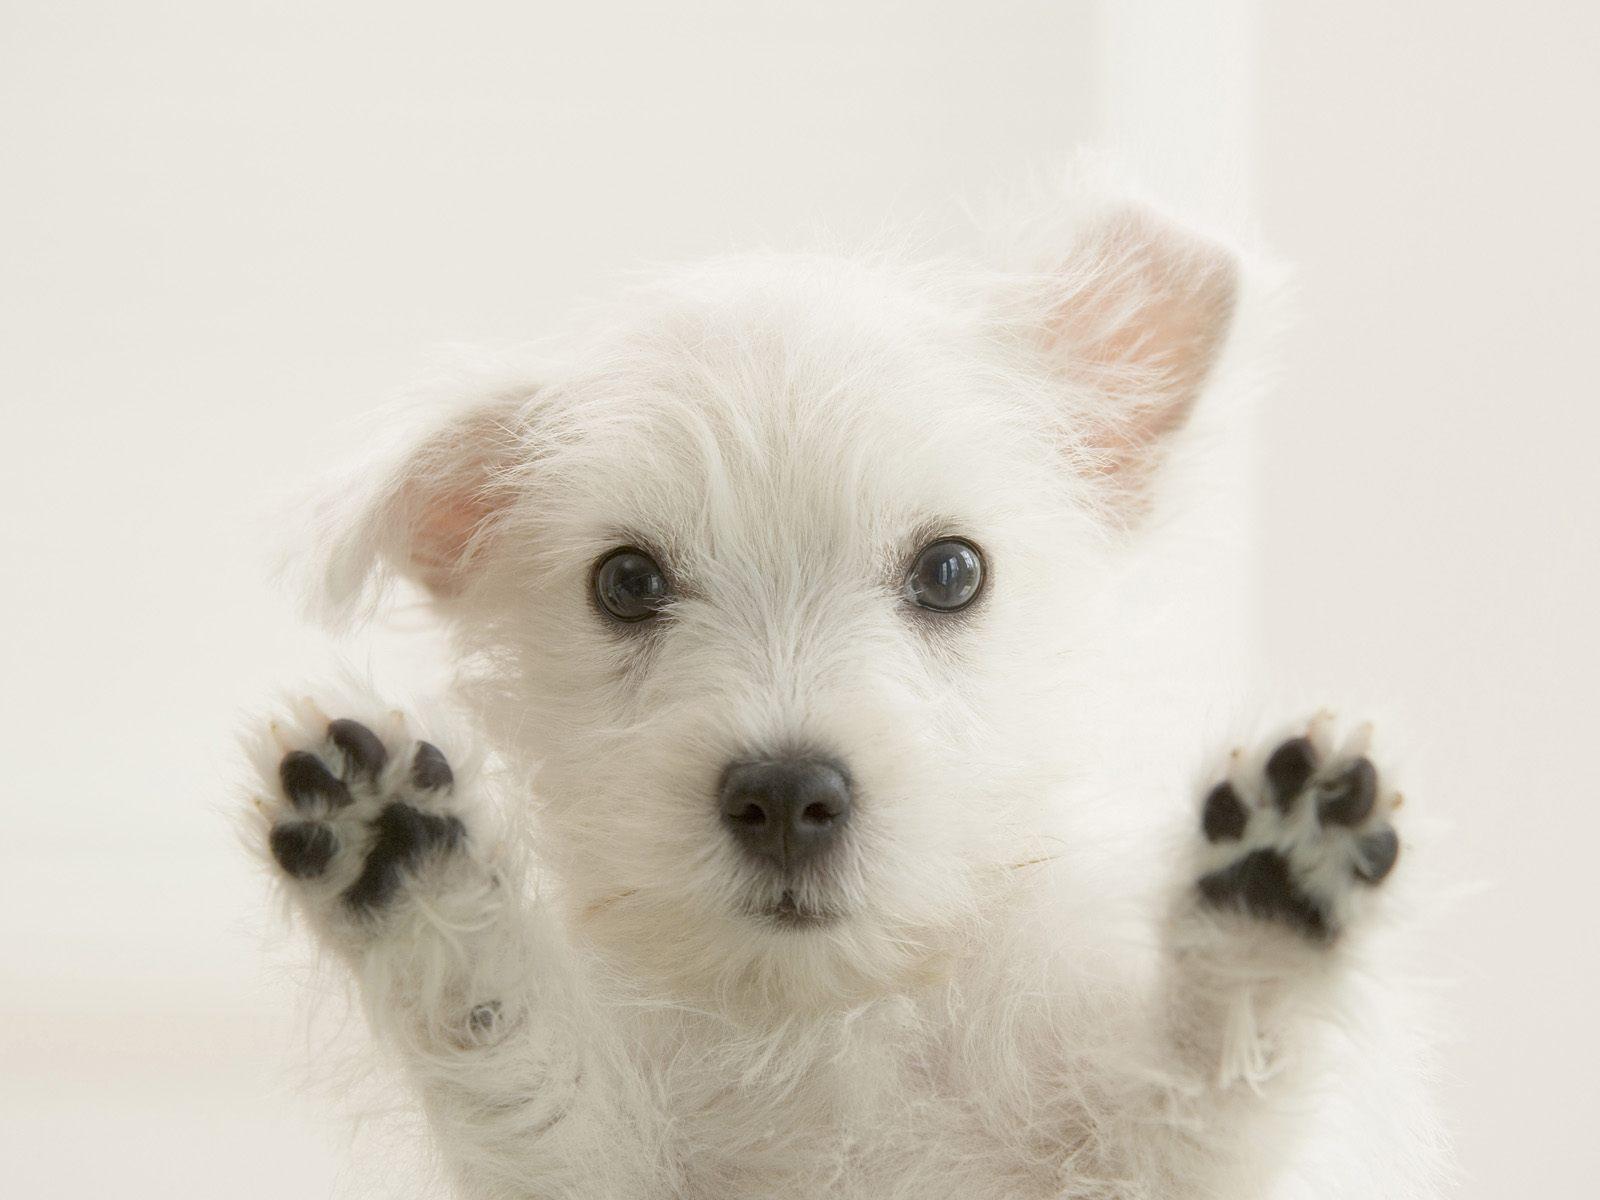 http://2.bp.blogspot.com/-gEpS9Vmml0E/T2A3kKEz6uI/AAAAAAAACxQ/j6sPNeNrLSs/s1600/cute-puppies-wallpapers-07.jpg